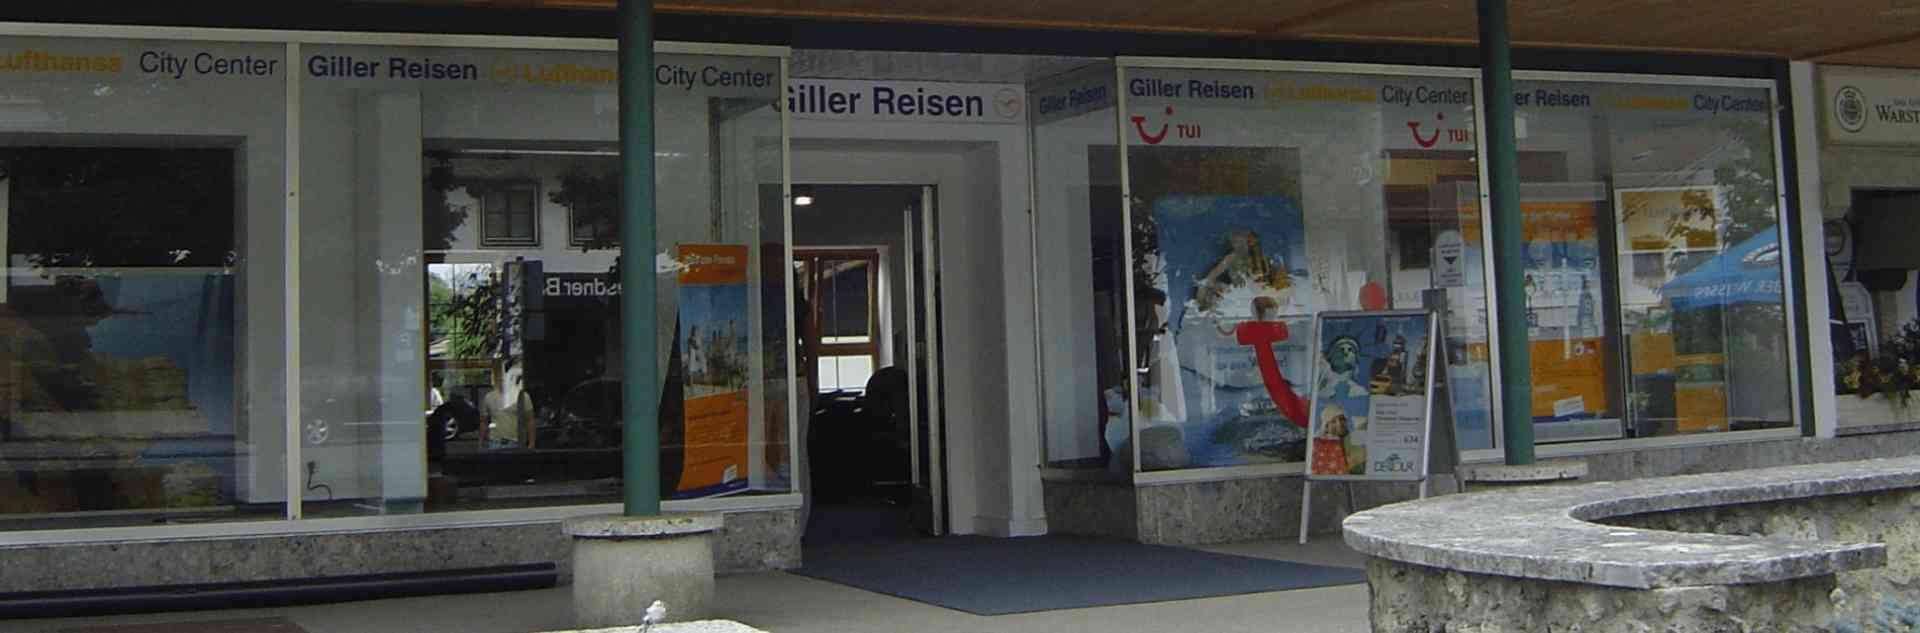 Giller Reisen Rottach-Egern Außenansicht